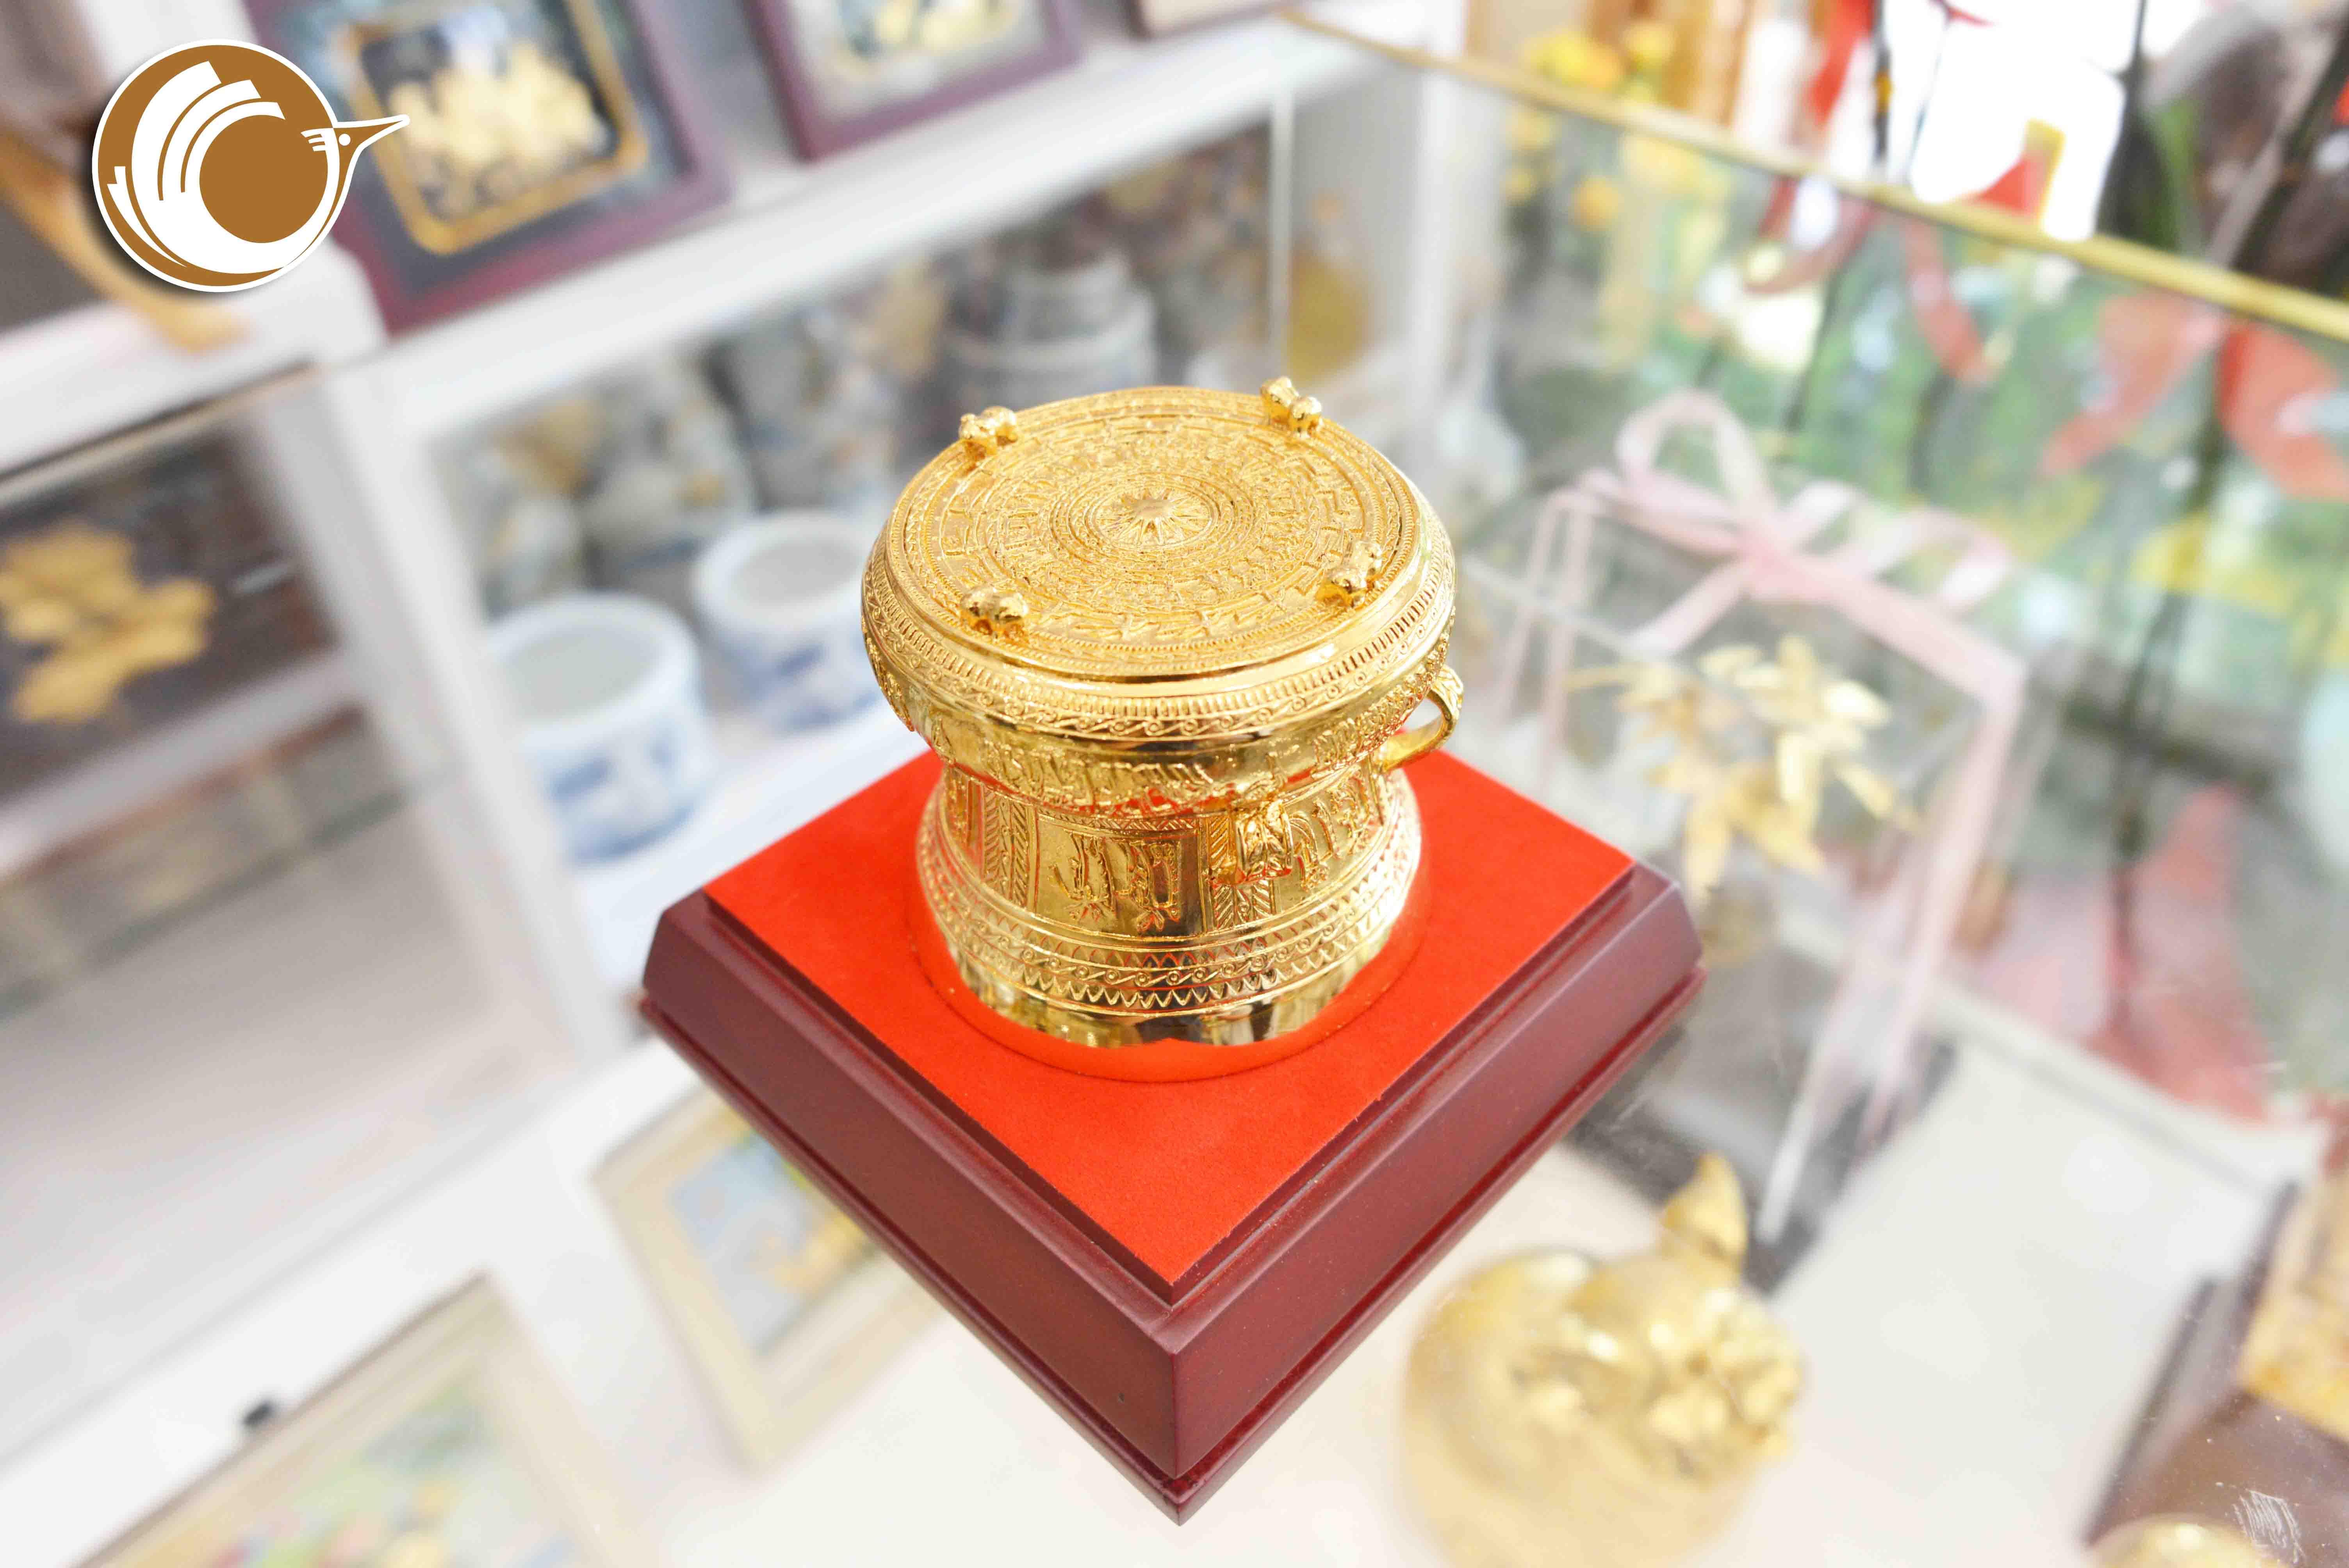 Trống đồng mạ vàng 24k đường kính 8cm, trống đồng lưu niệm thu nhỏ0